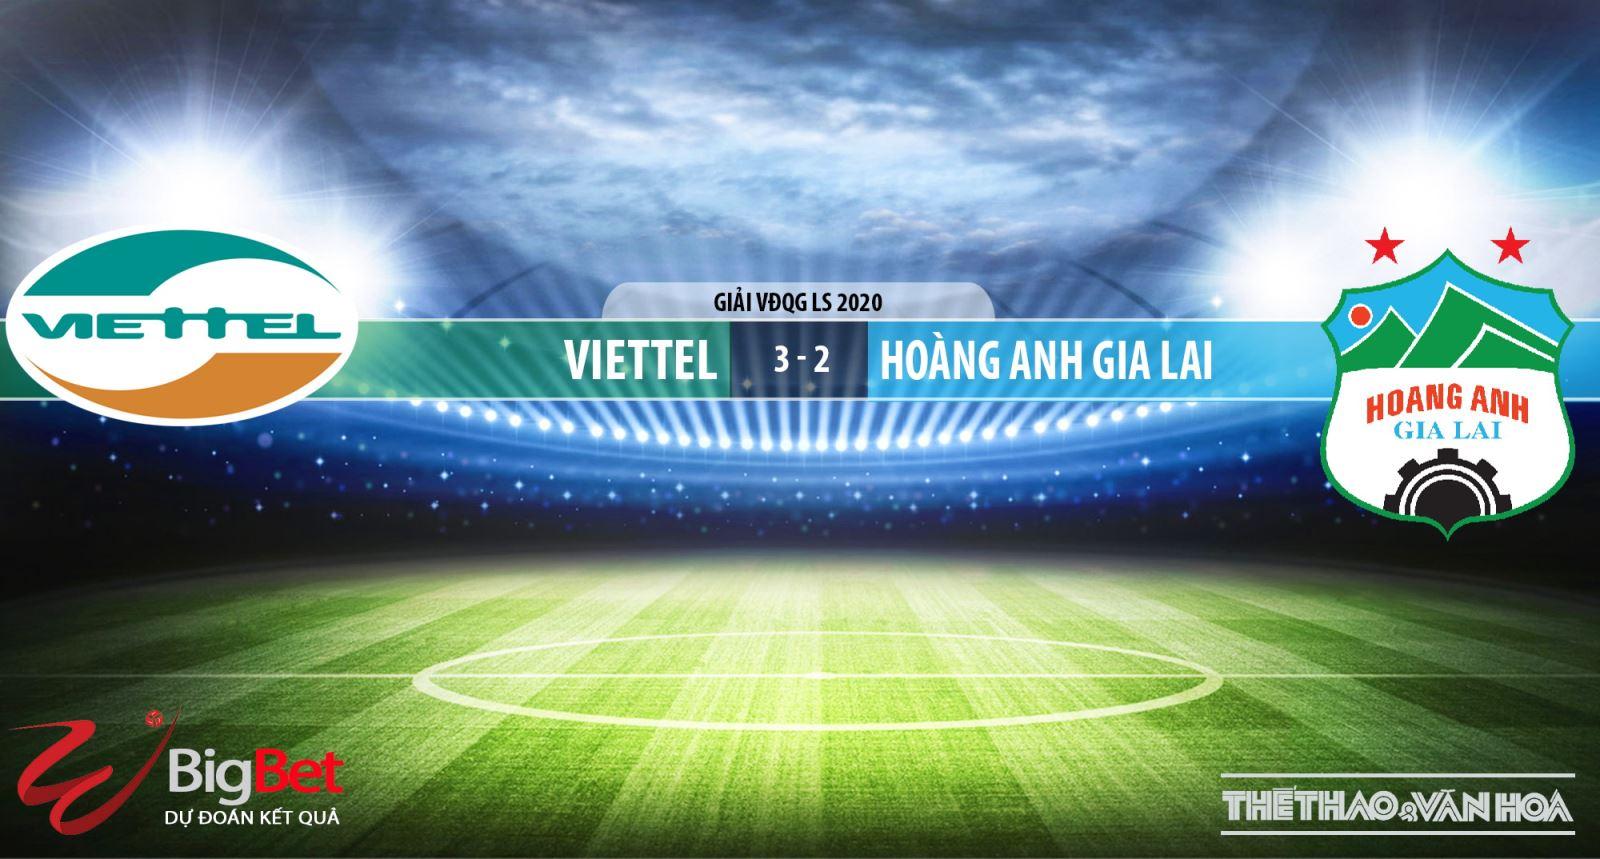 keo nha cai, Kèo nhà cái, Viettel vs HAGL, Trực tiếp bóng đá, Bóng đá Việt Nam, BĐTV, trực tiếp HAGL đấu với Viettel, soi kèo HAGL vs Viettel, truc tiep bong da